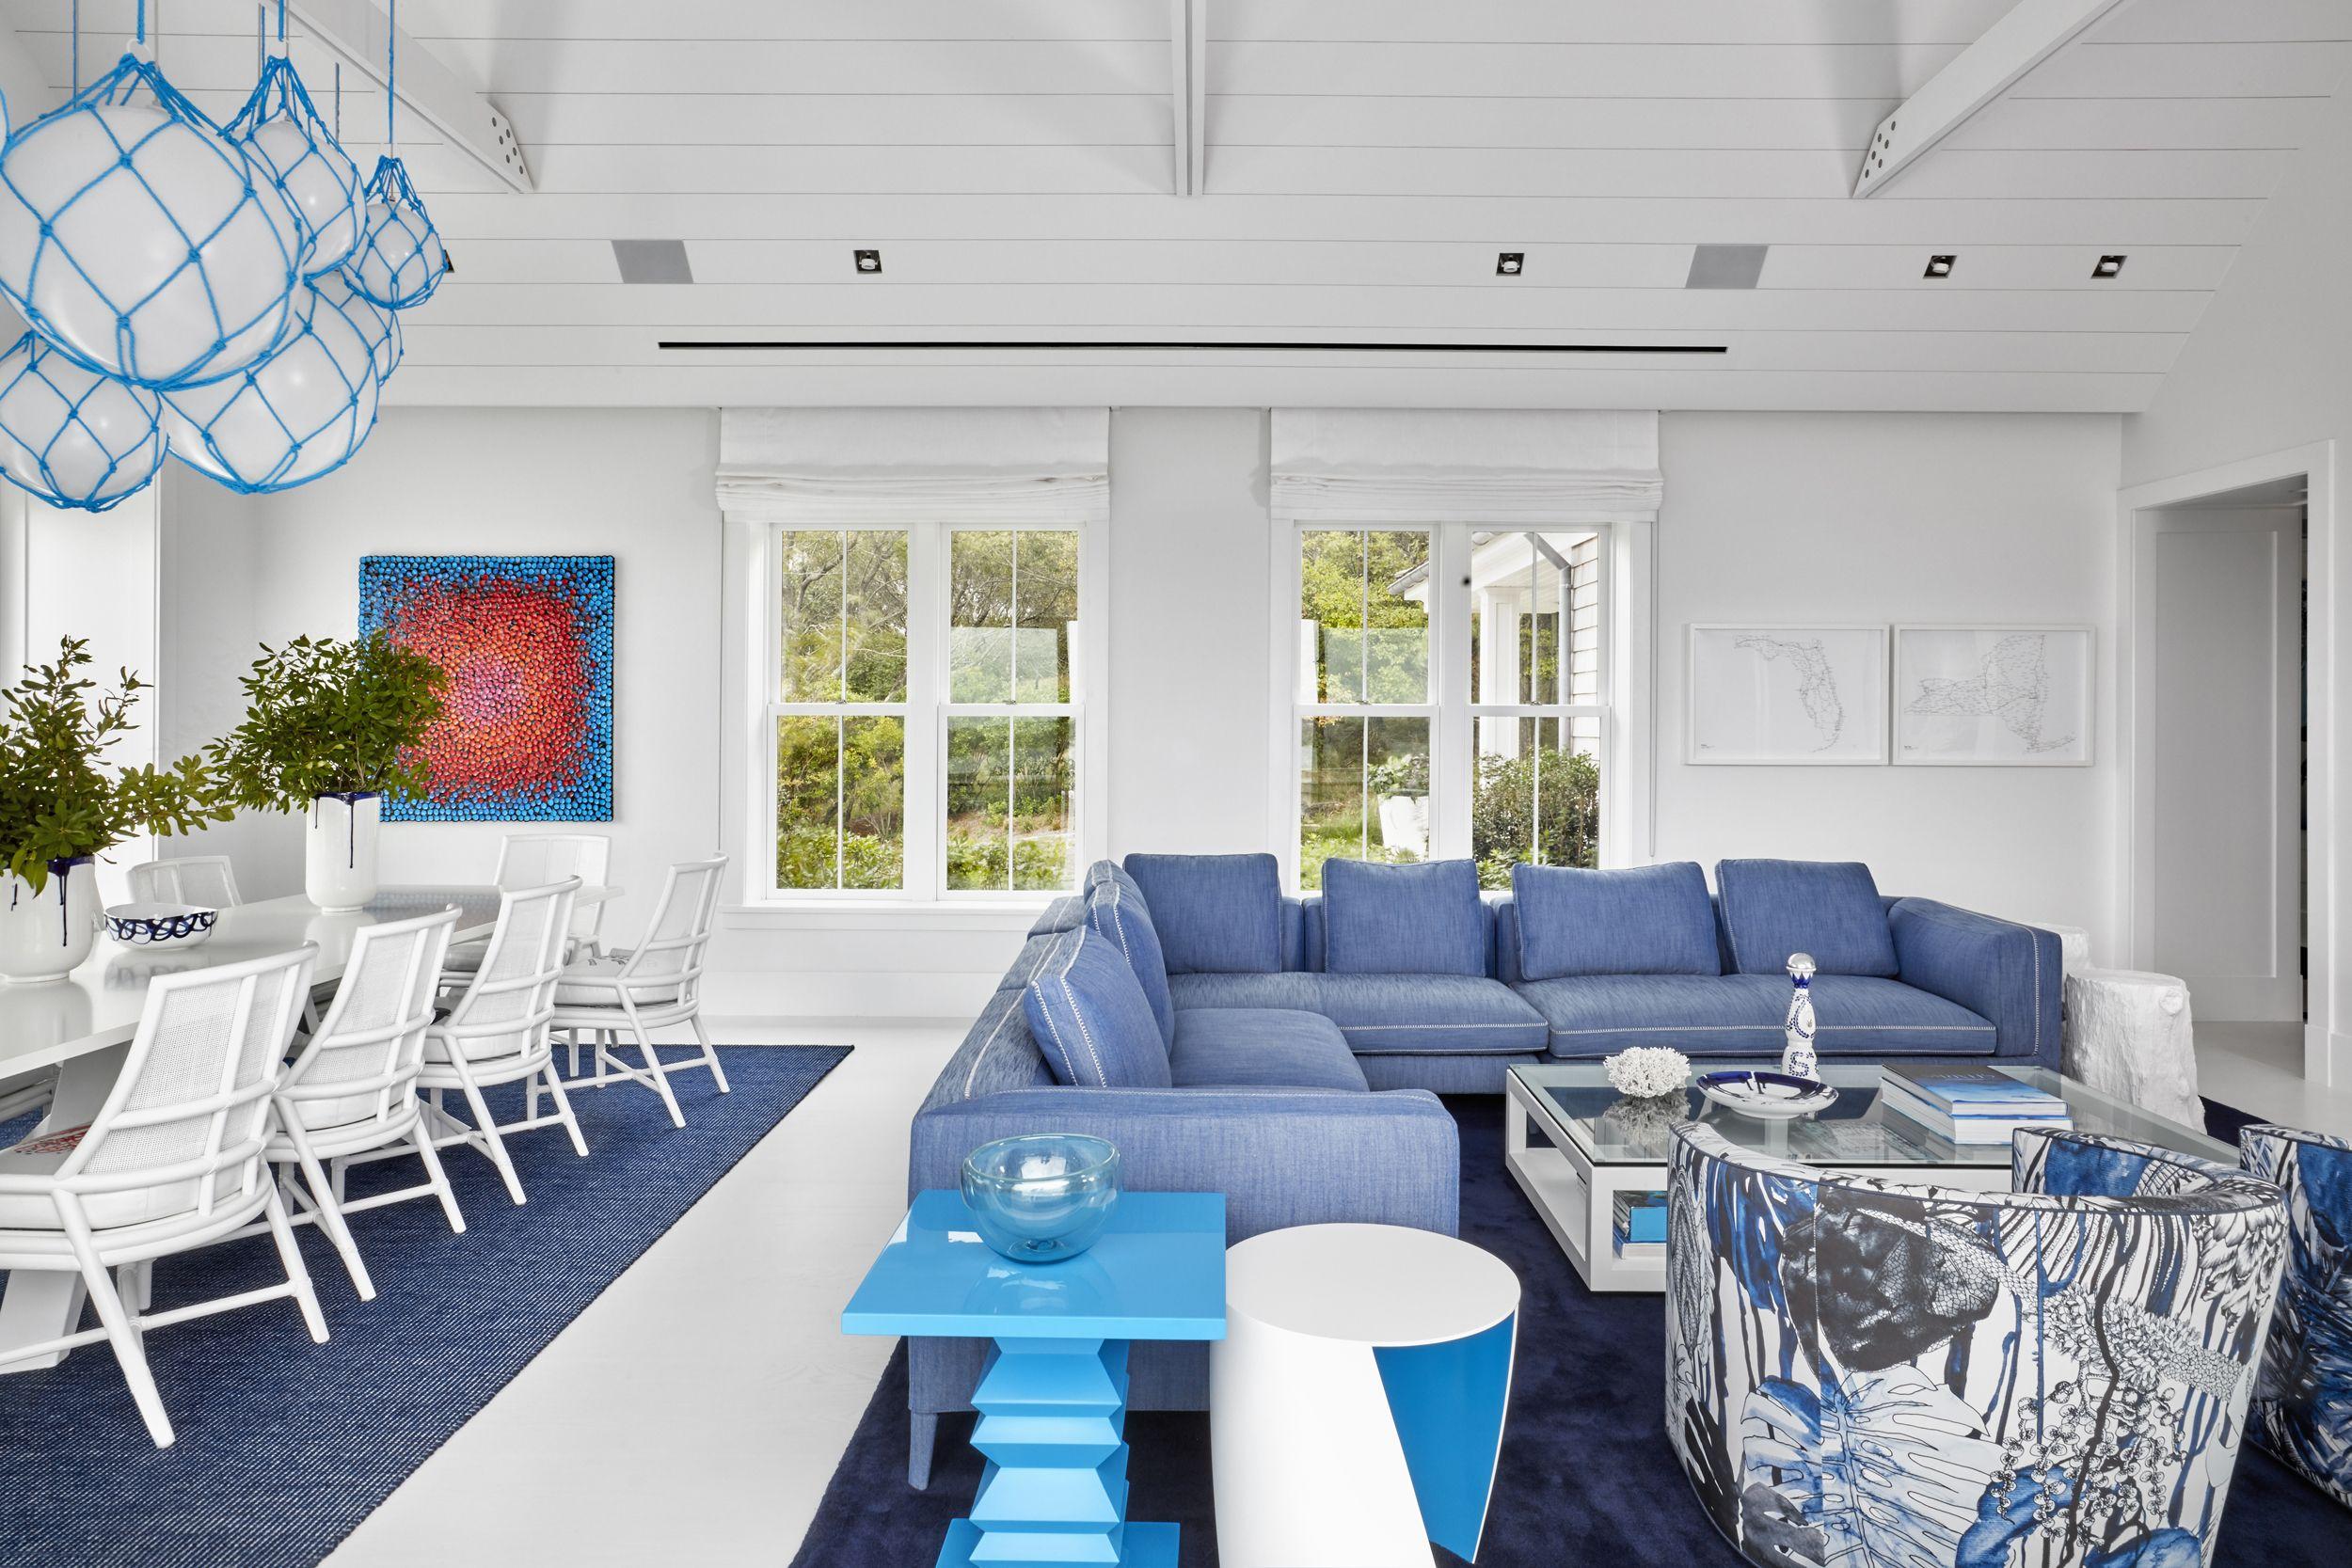 ghislaine vinas interior design montauk living4